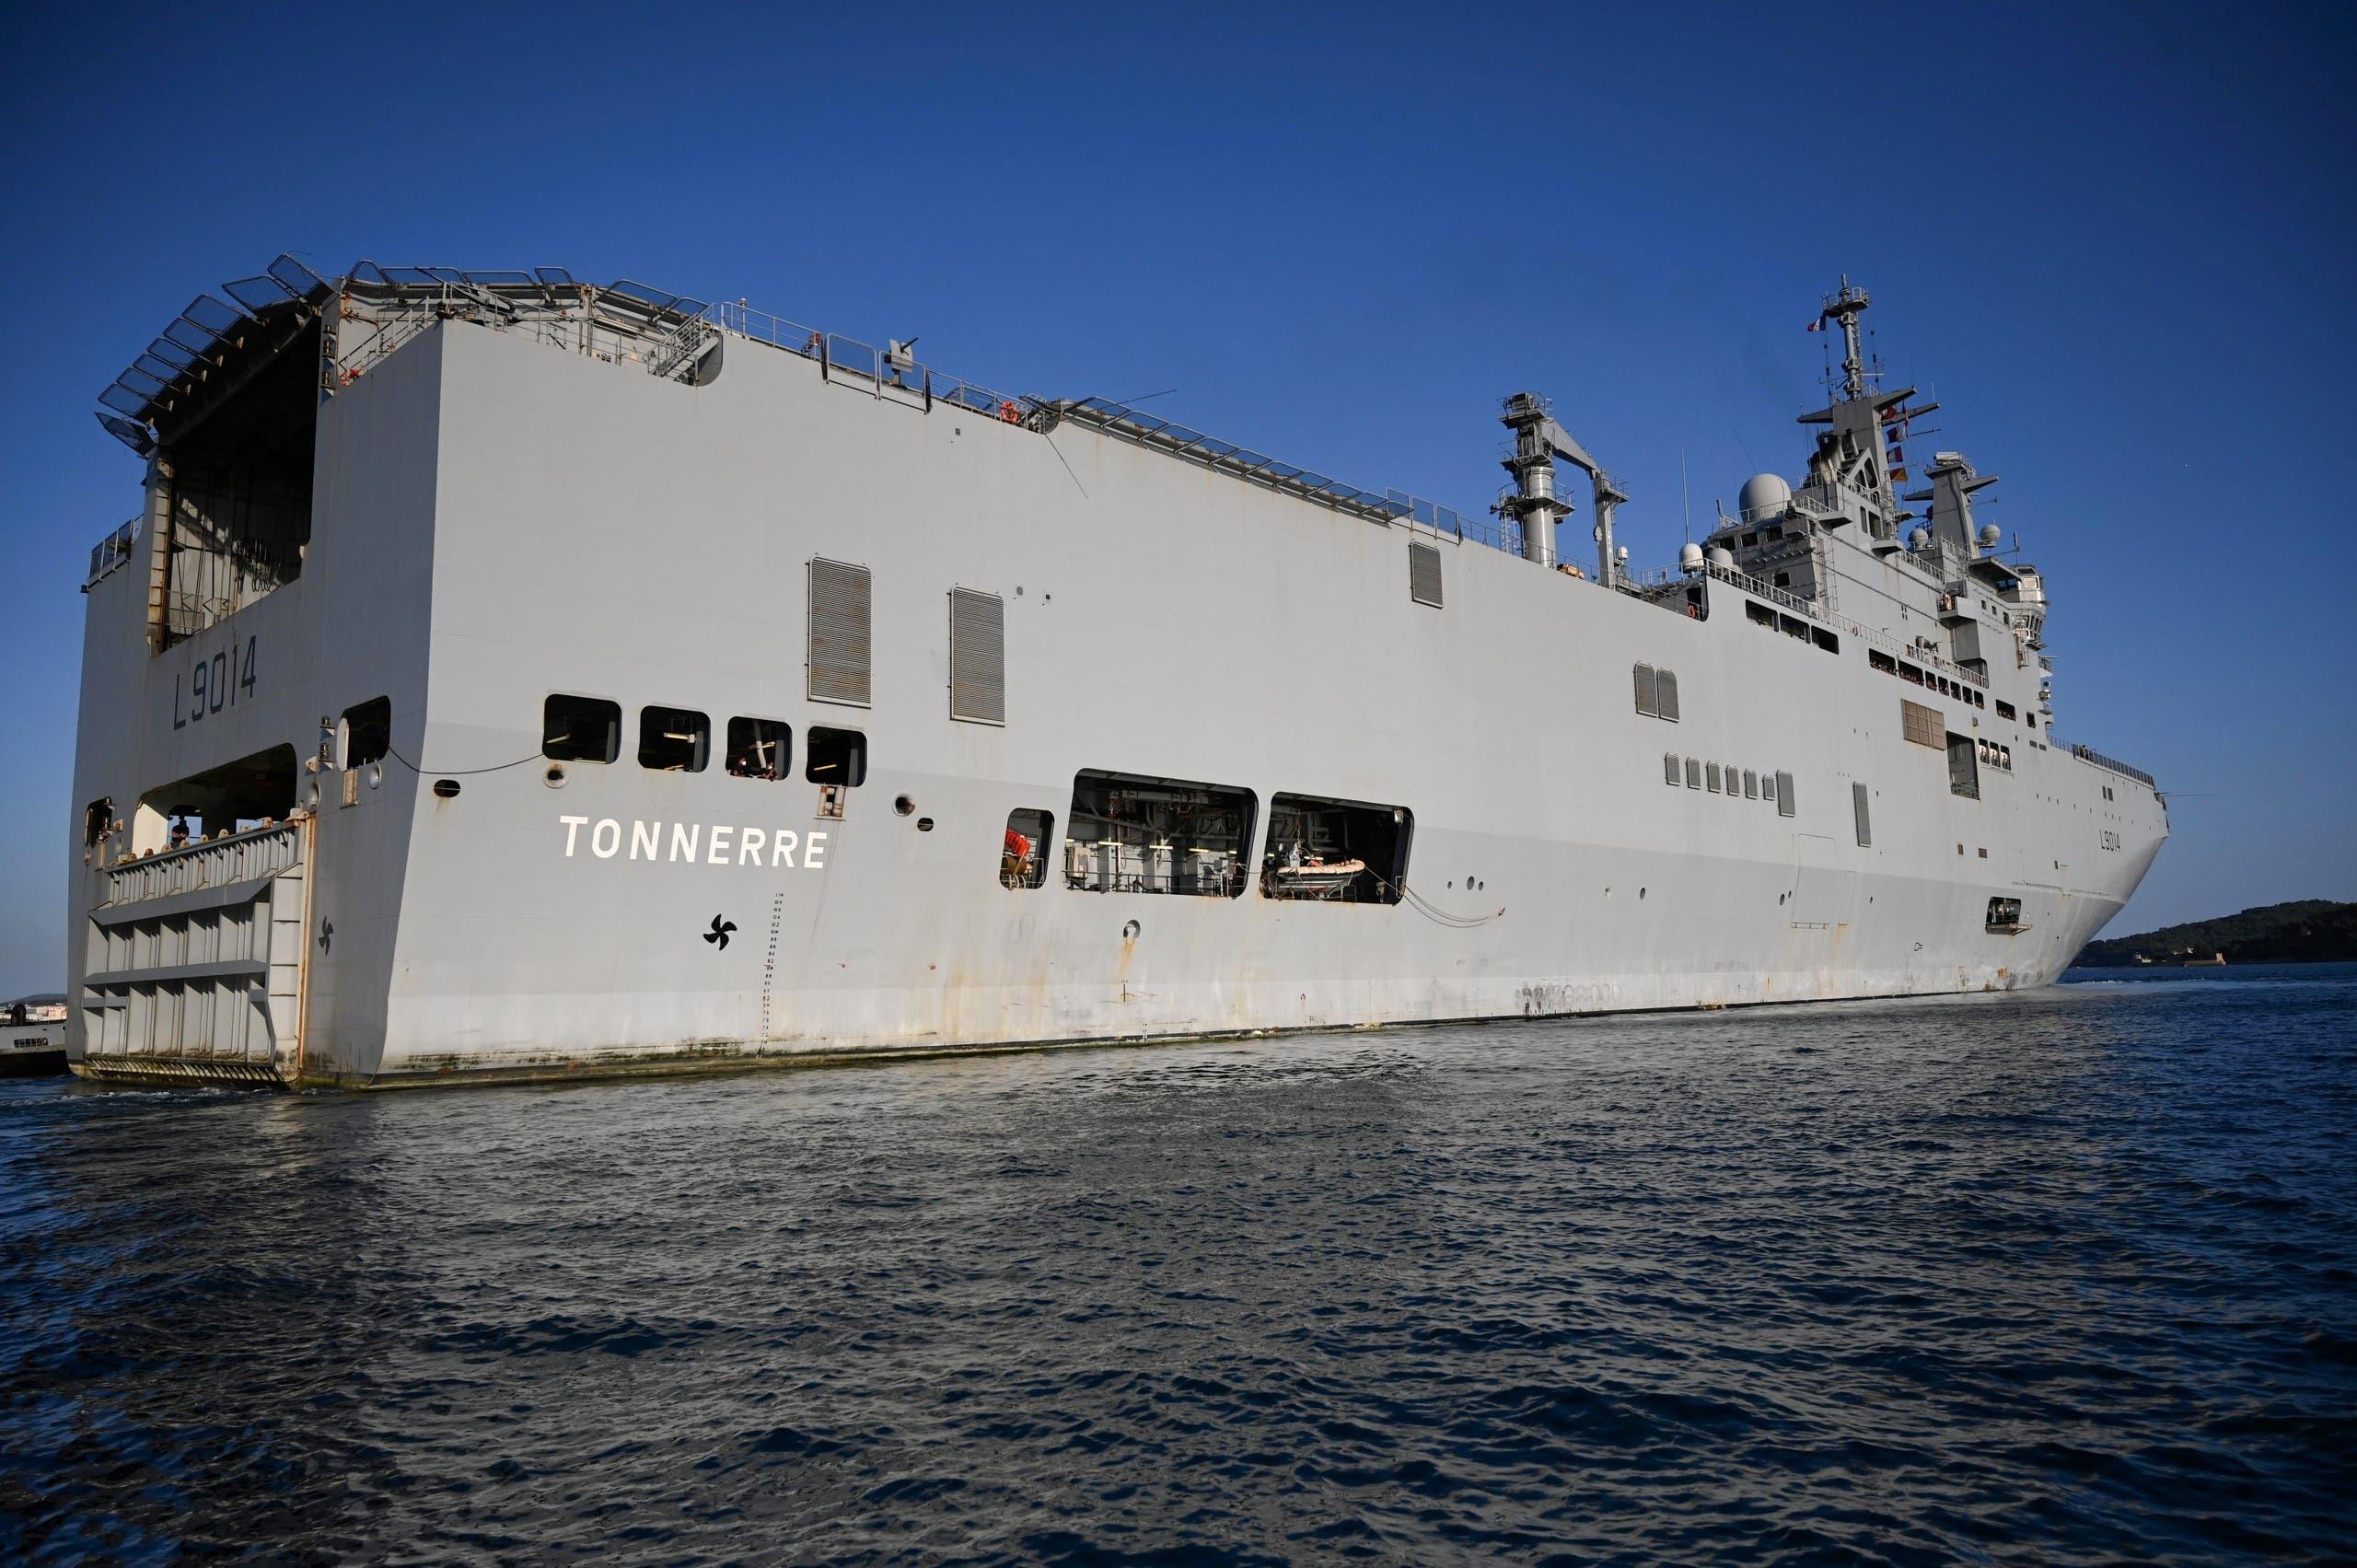 """سفينة """"لو تونير"""" الحربية الفرنسية  التي توجهت إلى بيروت"""